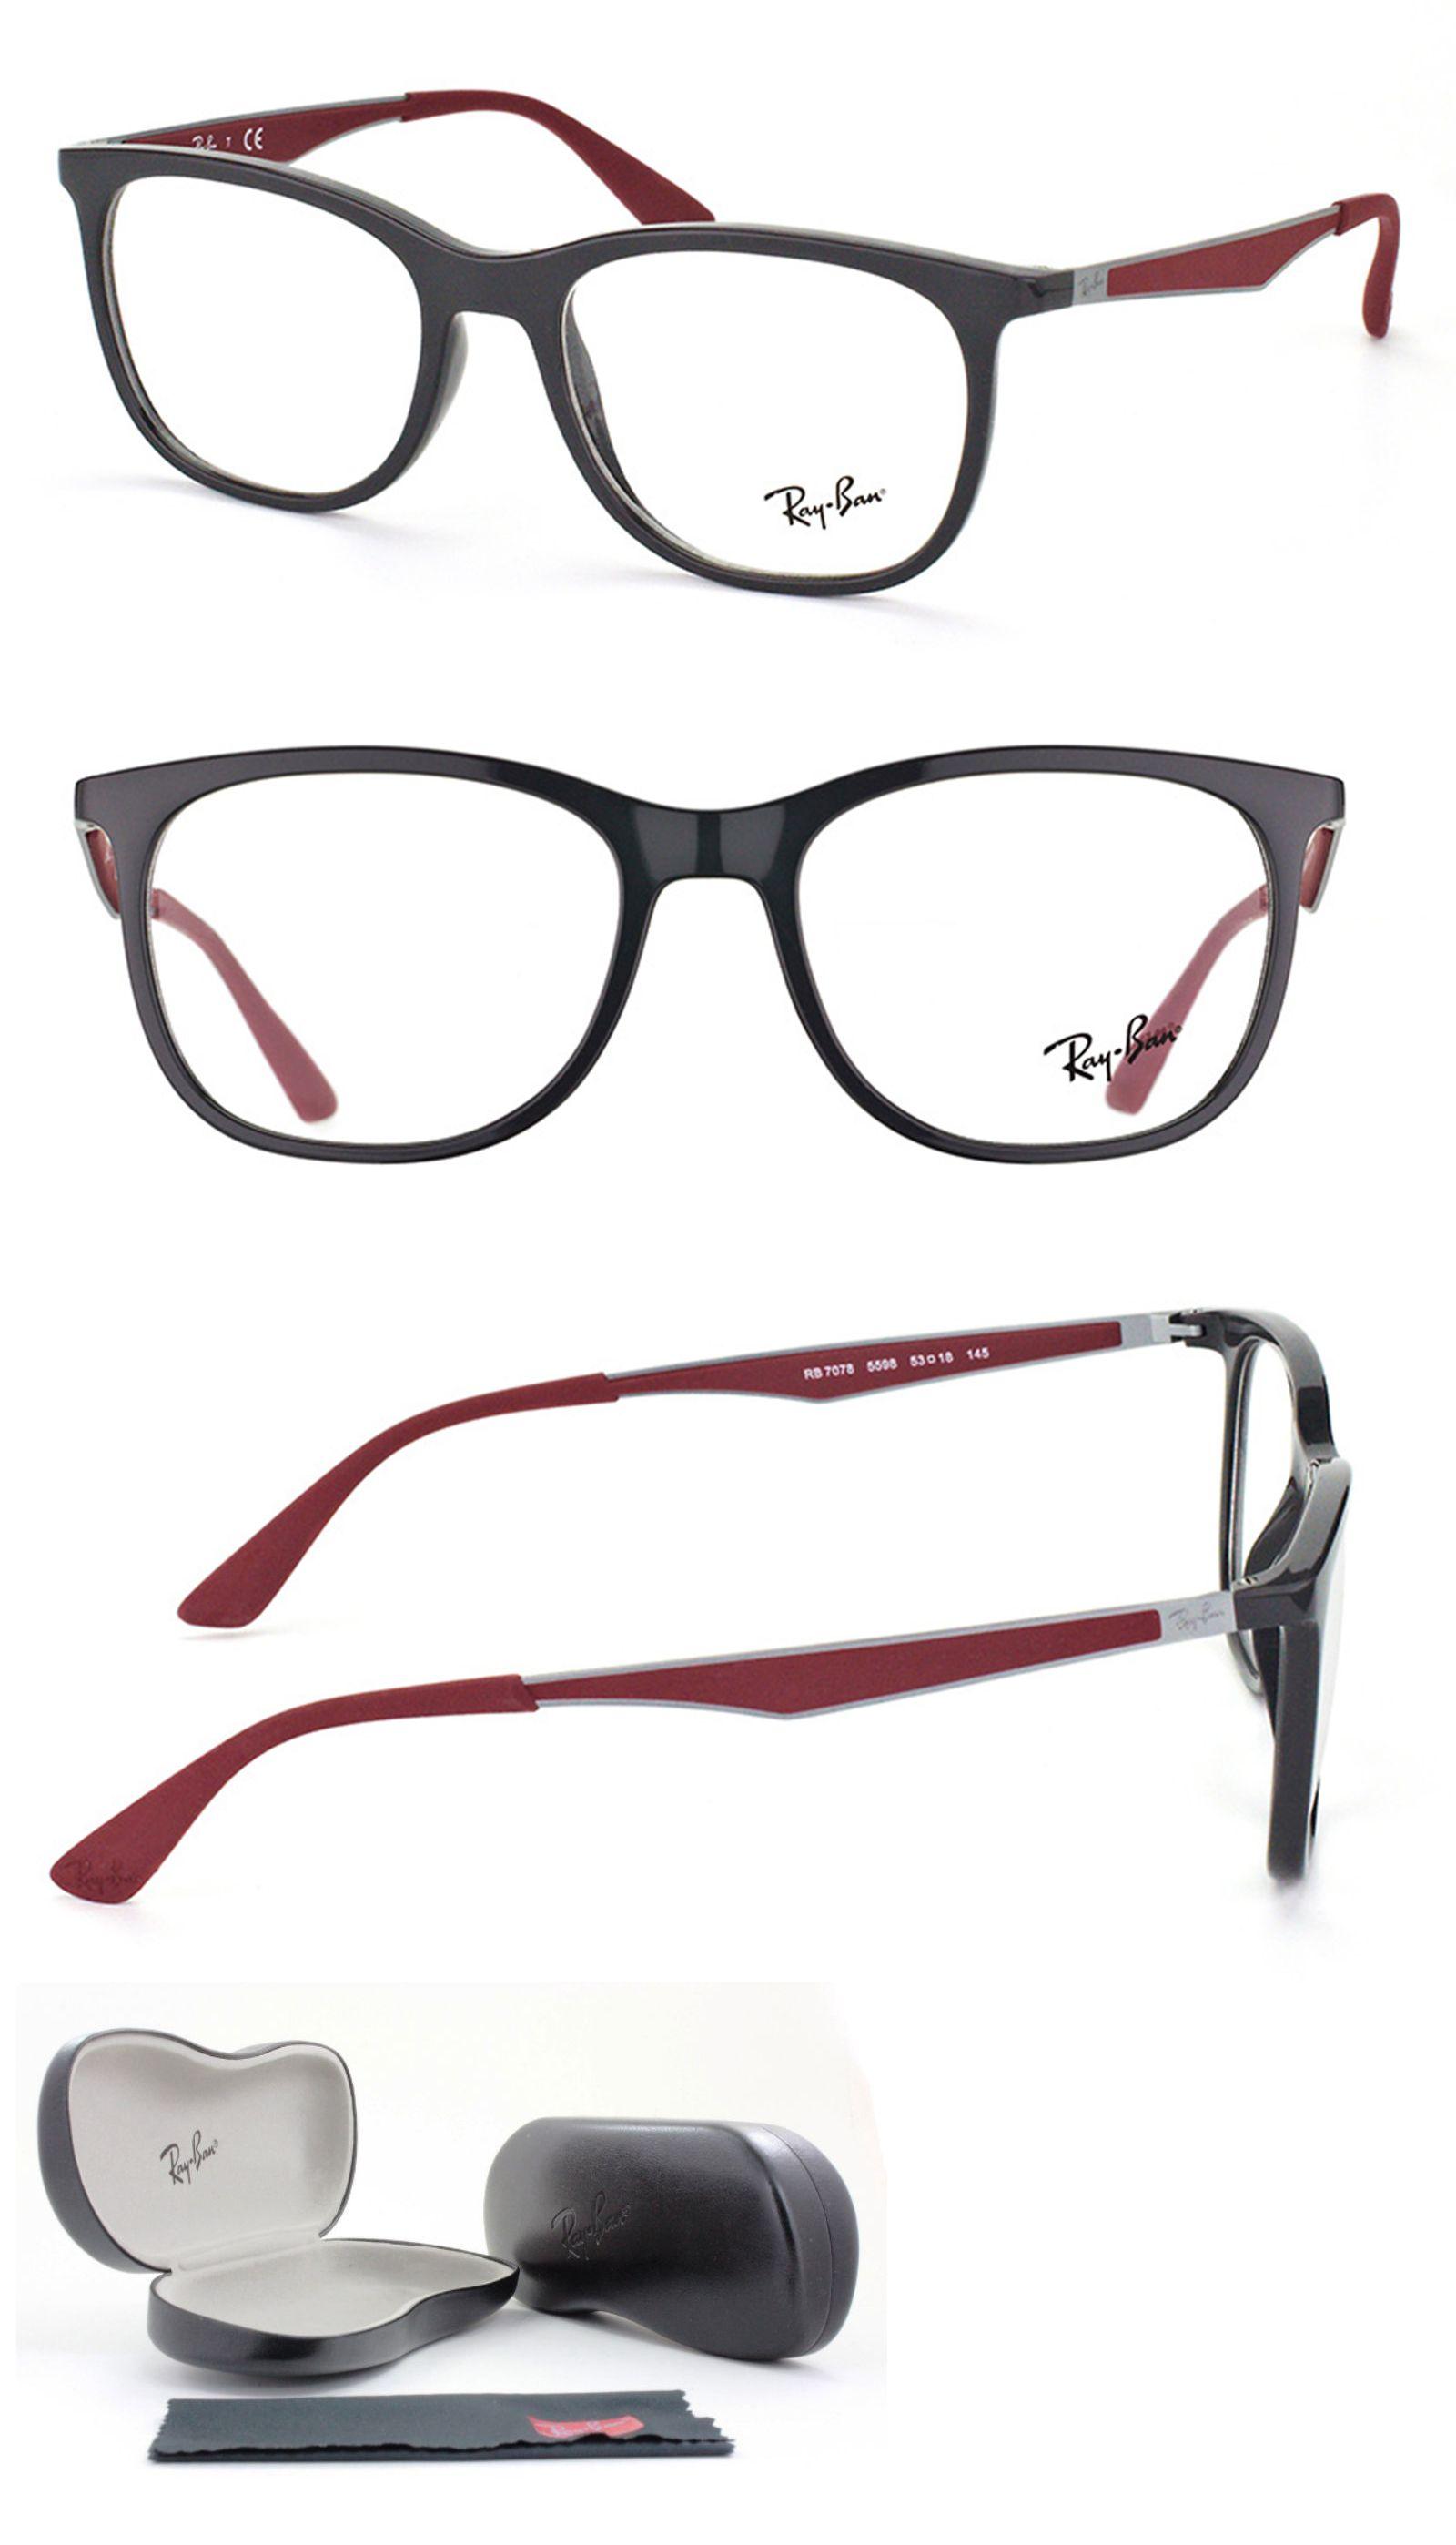 30dea46c7d Eyeglass Frames  New Authentic Ray- Ban Eyeglasses Rb7078 5598 Grey  Gunmetal Bordeaux 53-